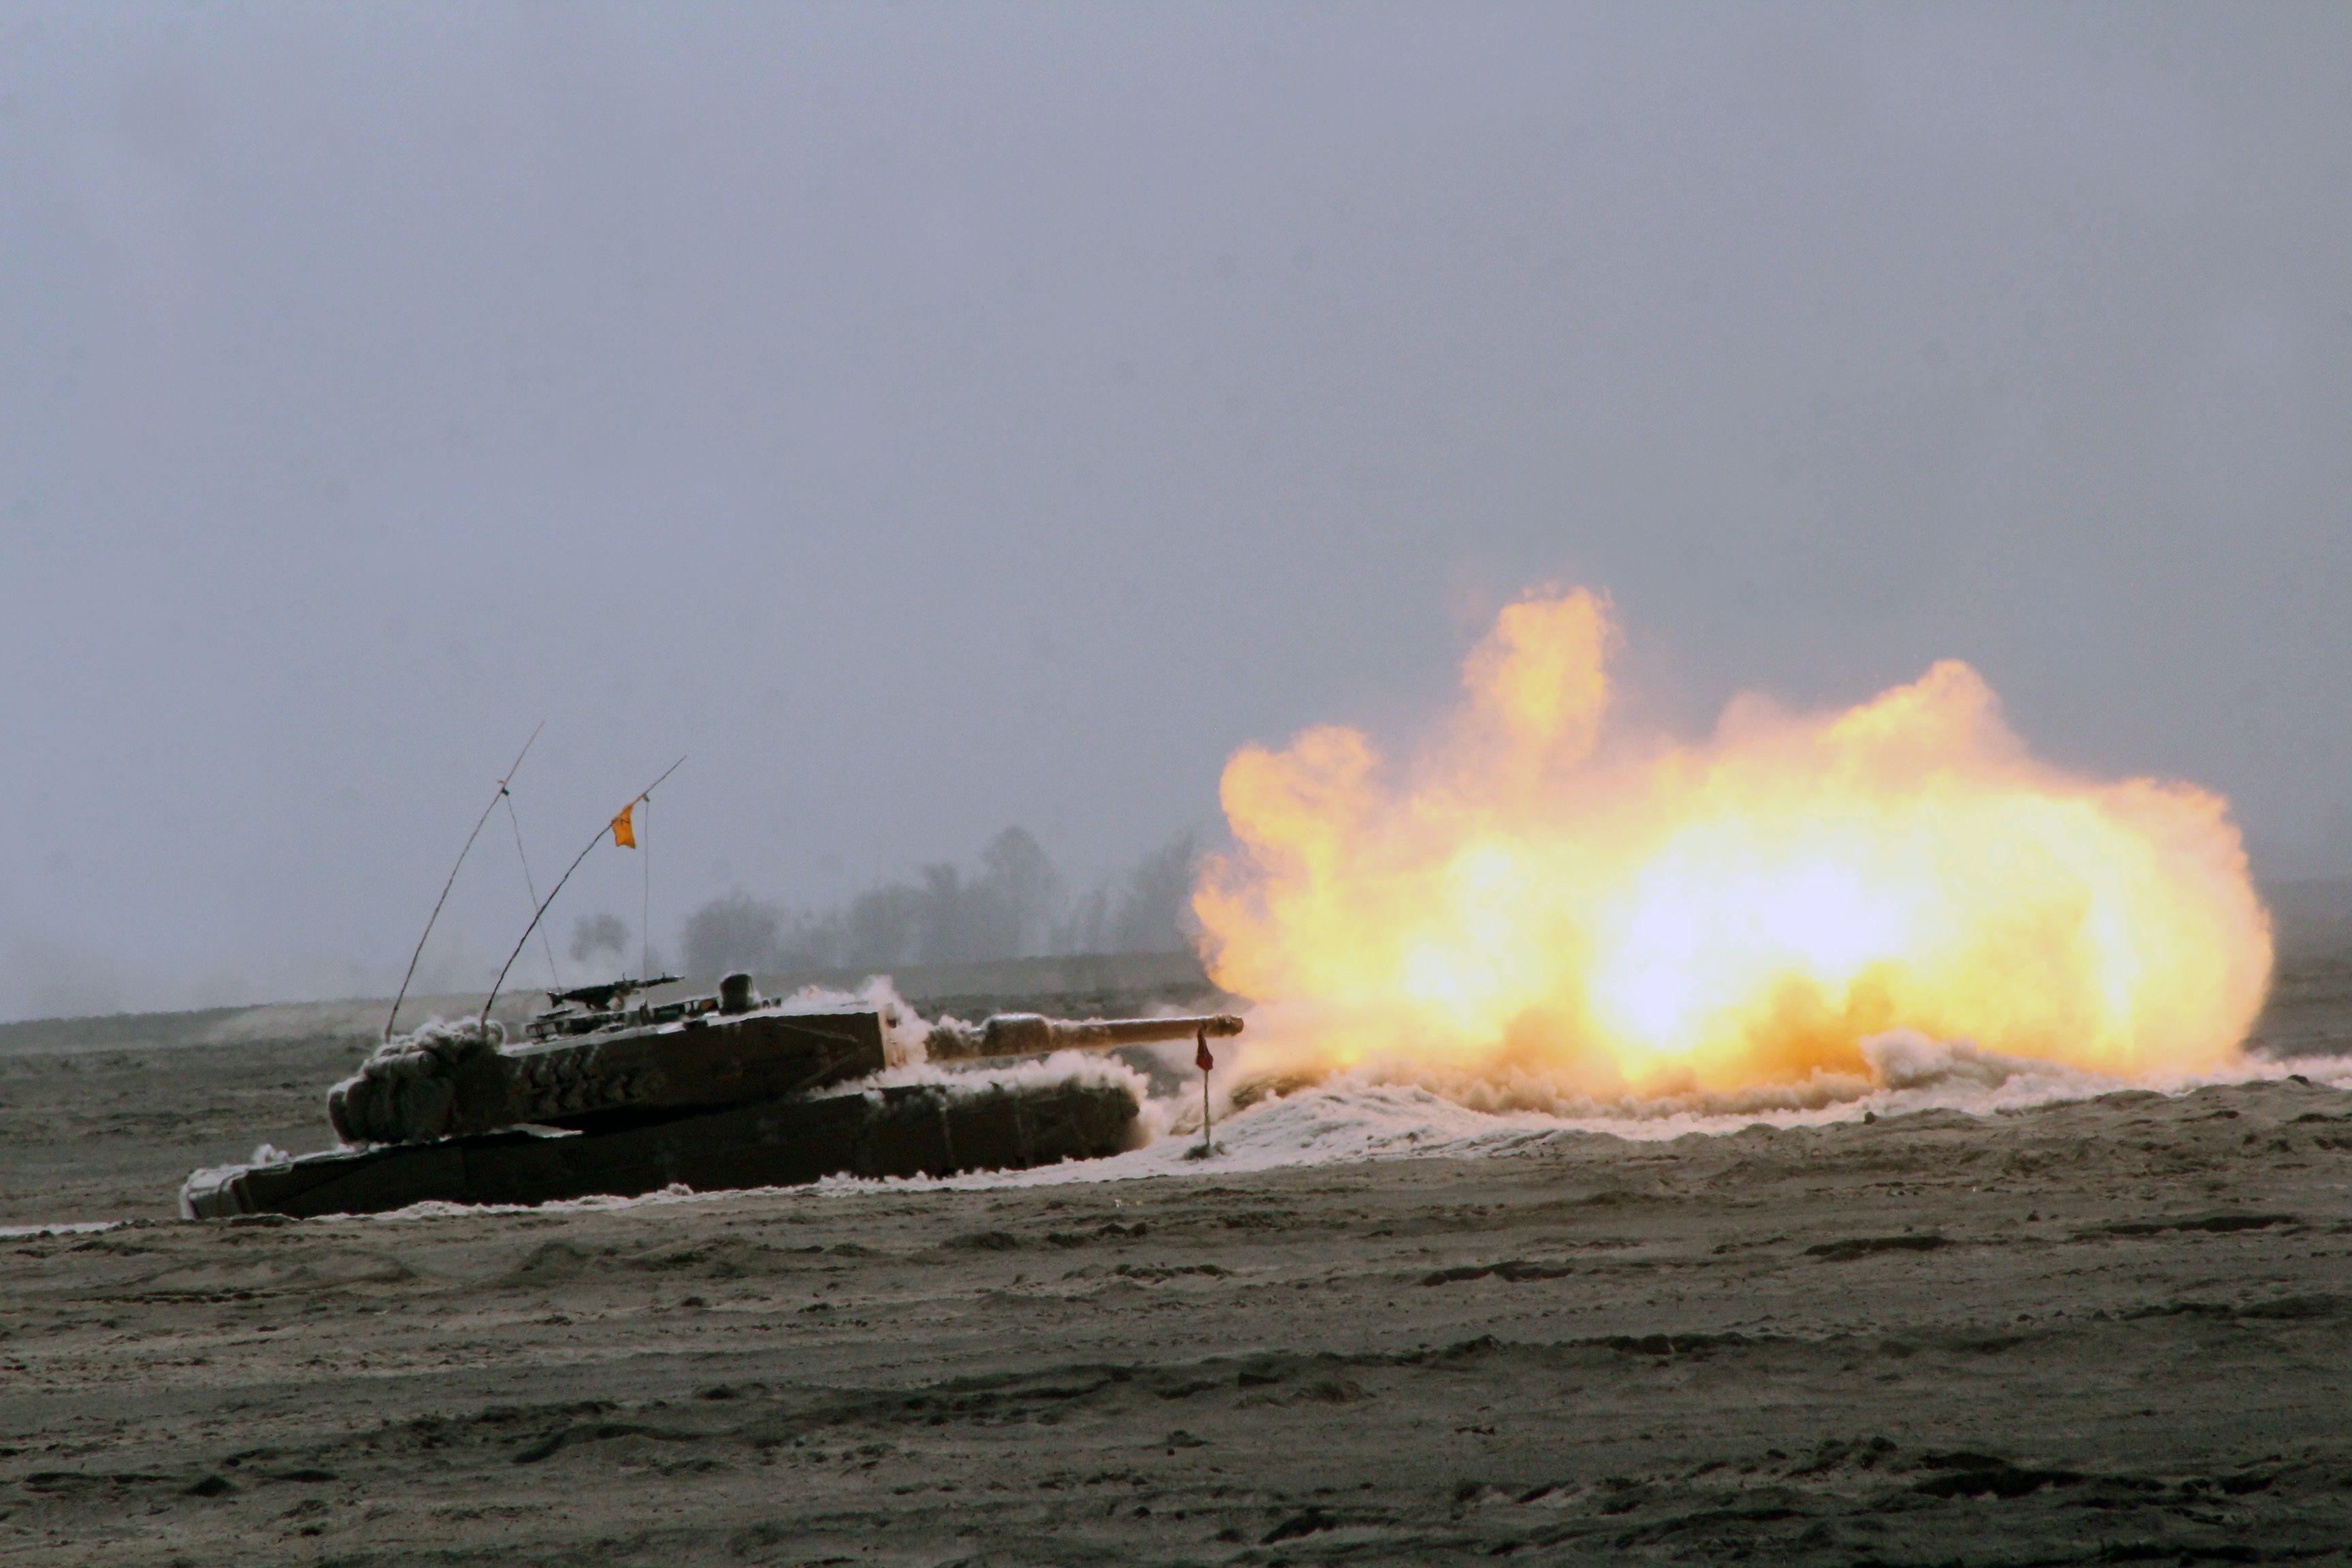 Chilean Leopard 2A4CHL firing its gun [3456 x 2304]